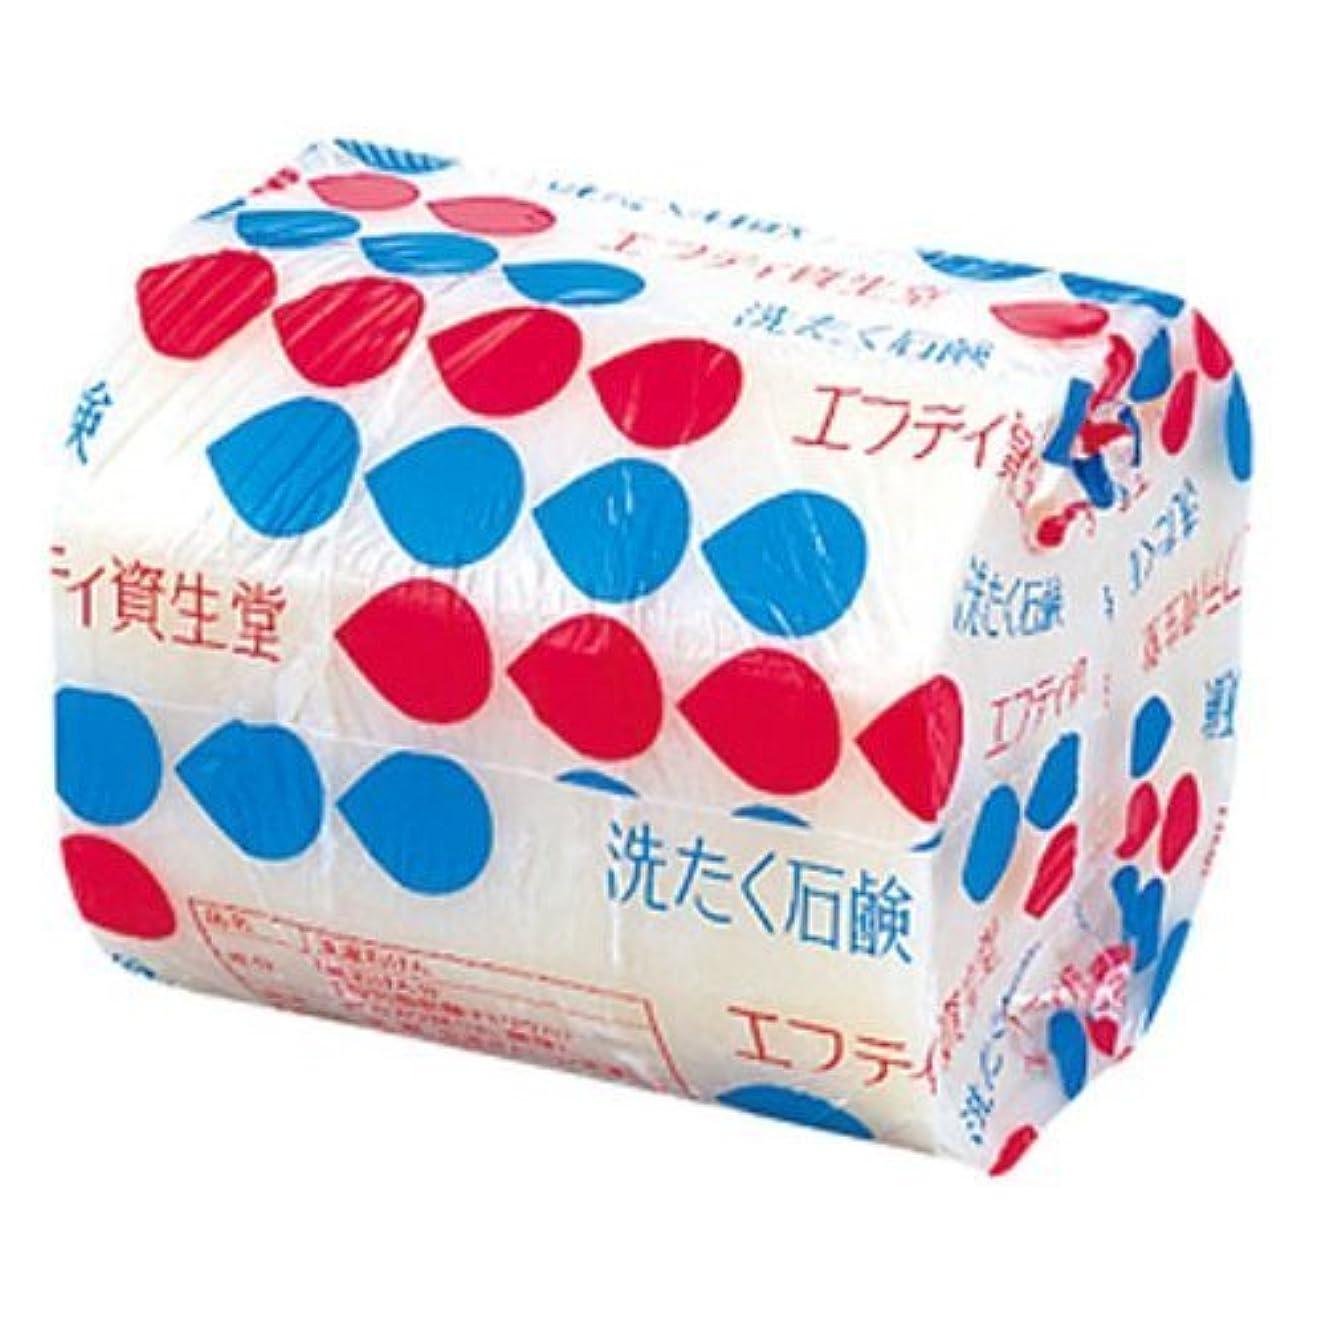 ソビエト通り抜ける重荷【資生堂】エフティ資生堂洗たく石鹸花椿型3コパック200g